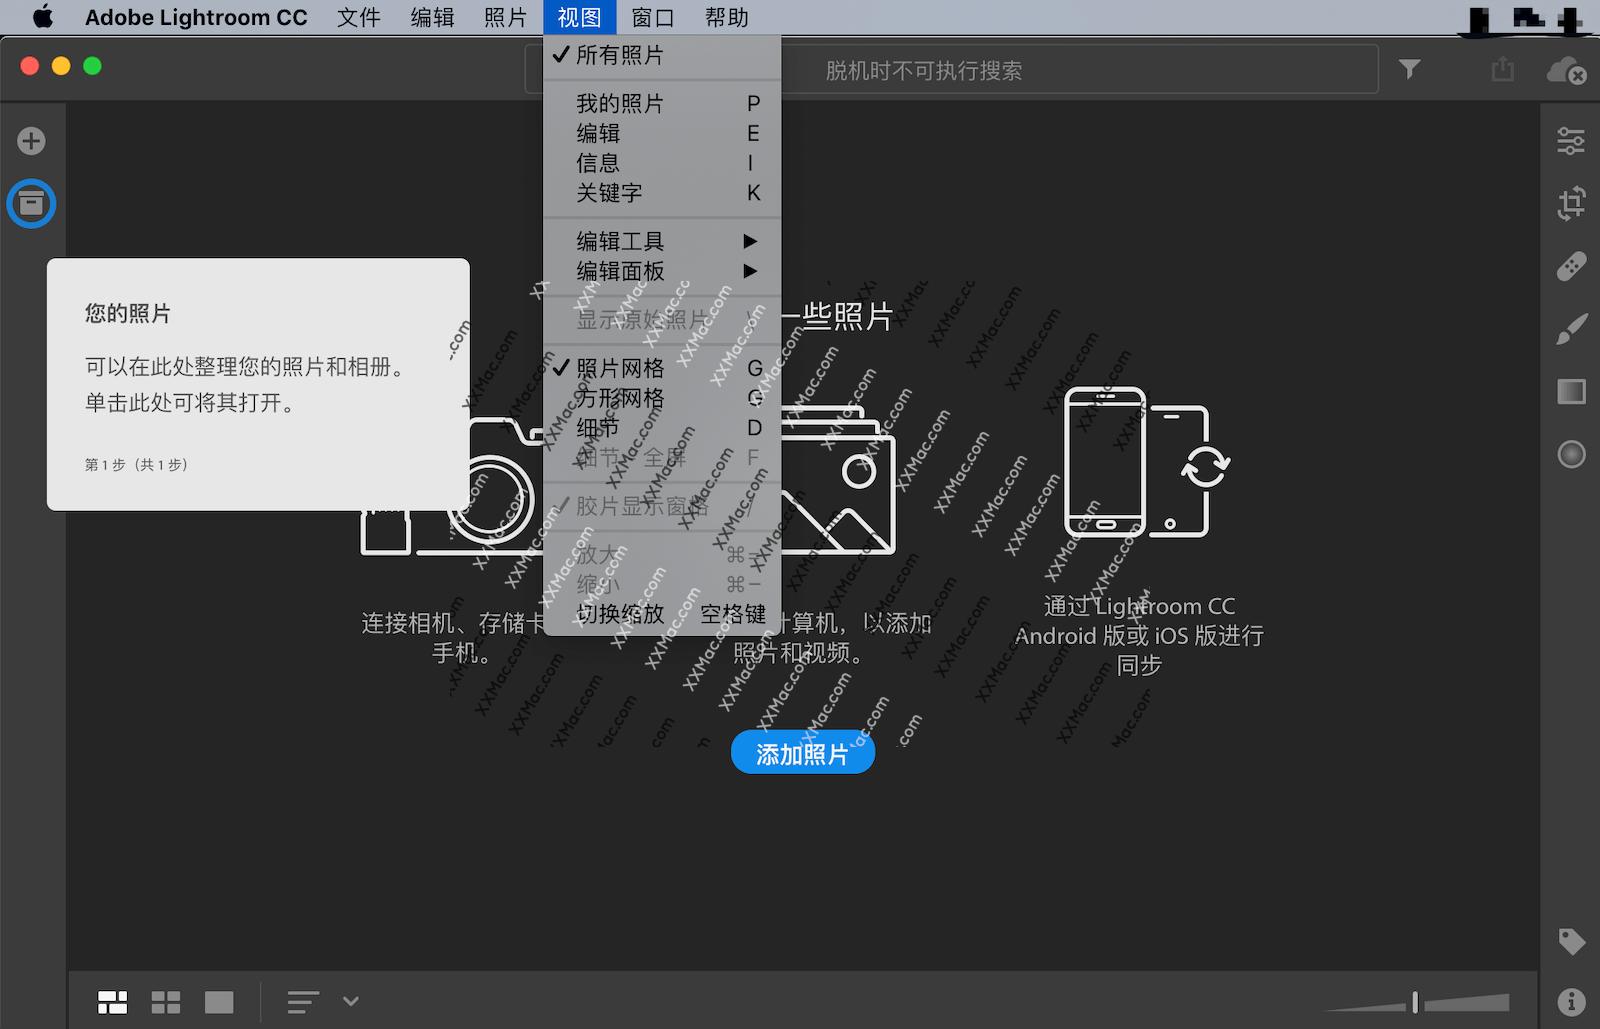 Adobe Lightroom CC 2019 for Mac v8.2.1 中文破解版下载 图像处理软件